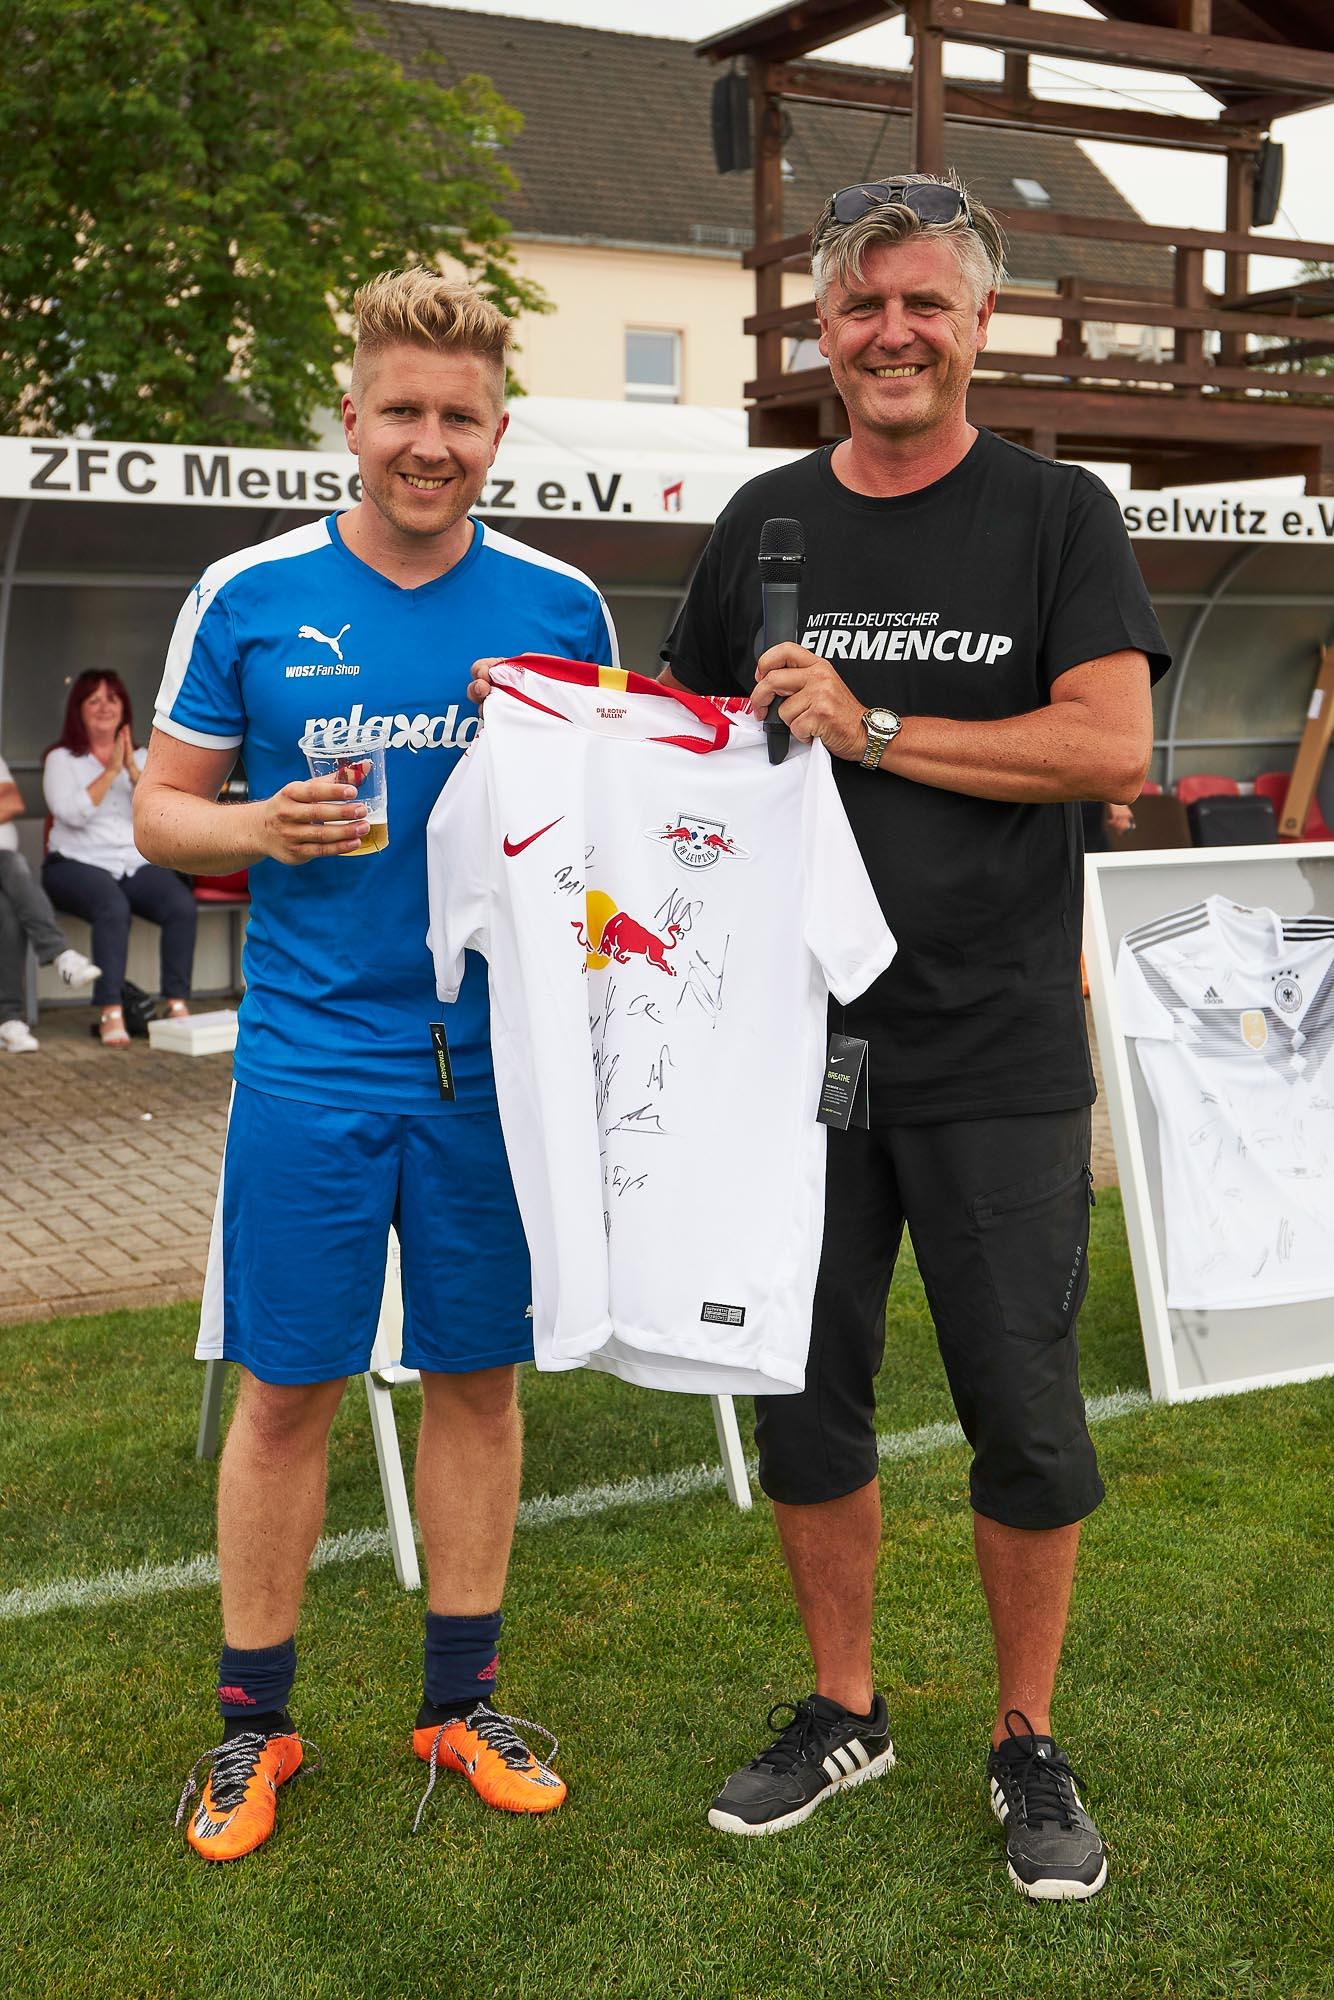 3. Mitteldeutscher Firmencup